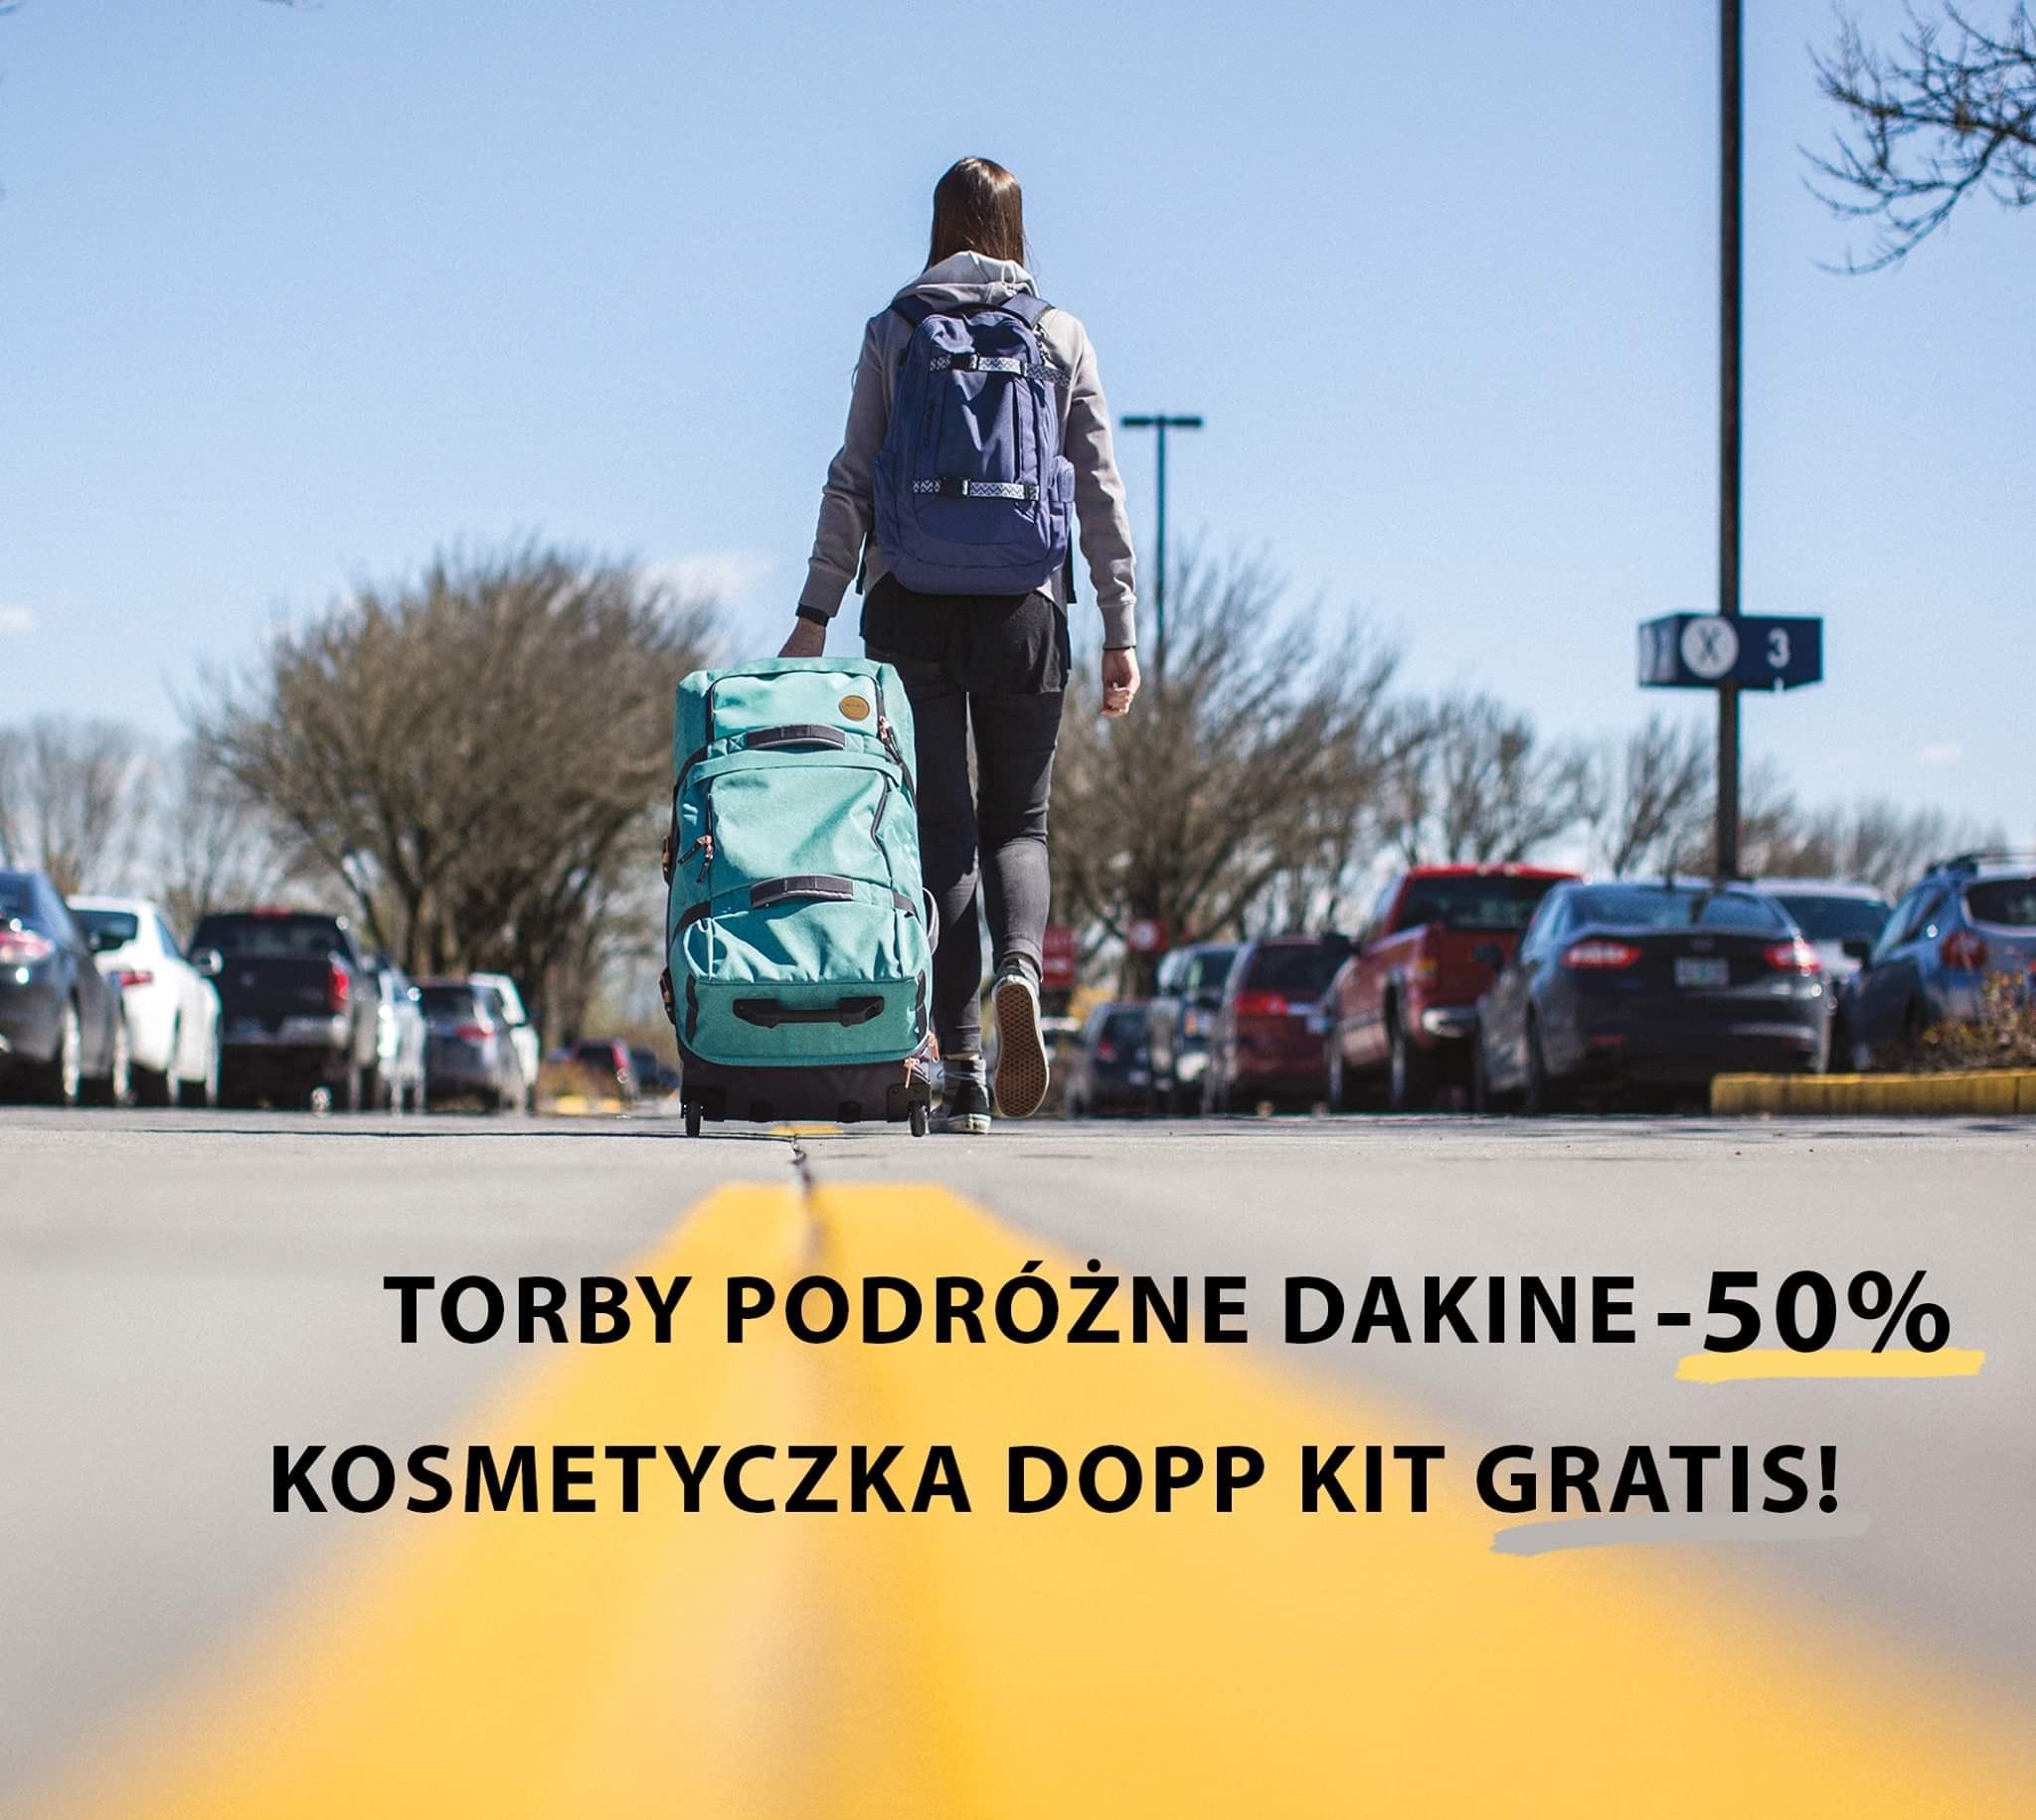 Torby podróżne Dakine -50%